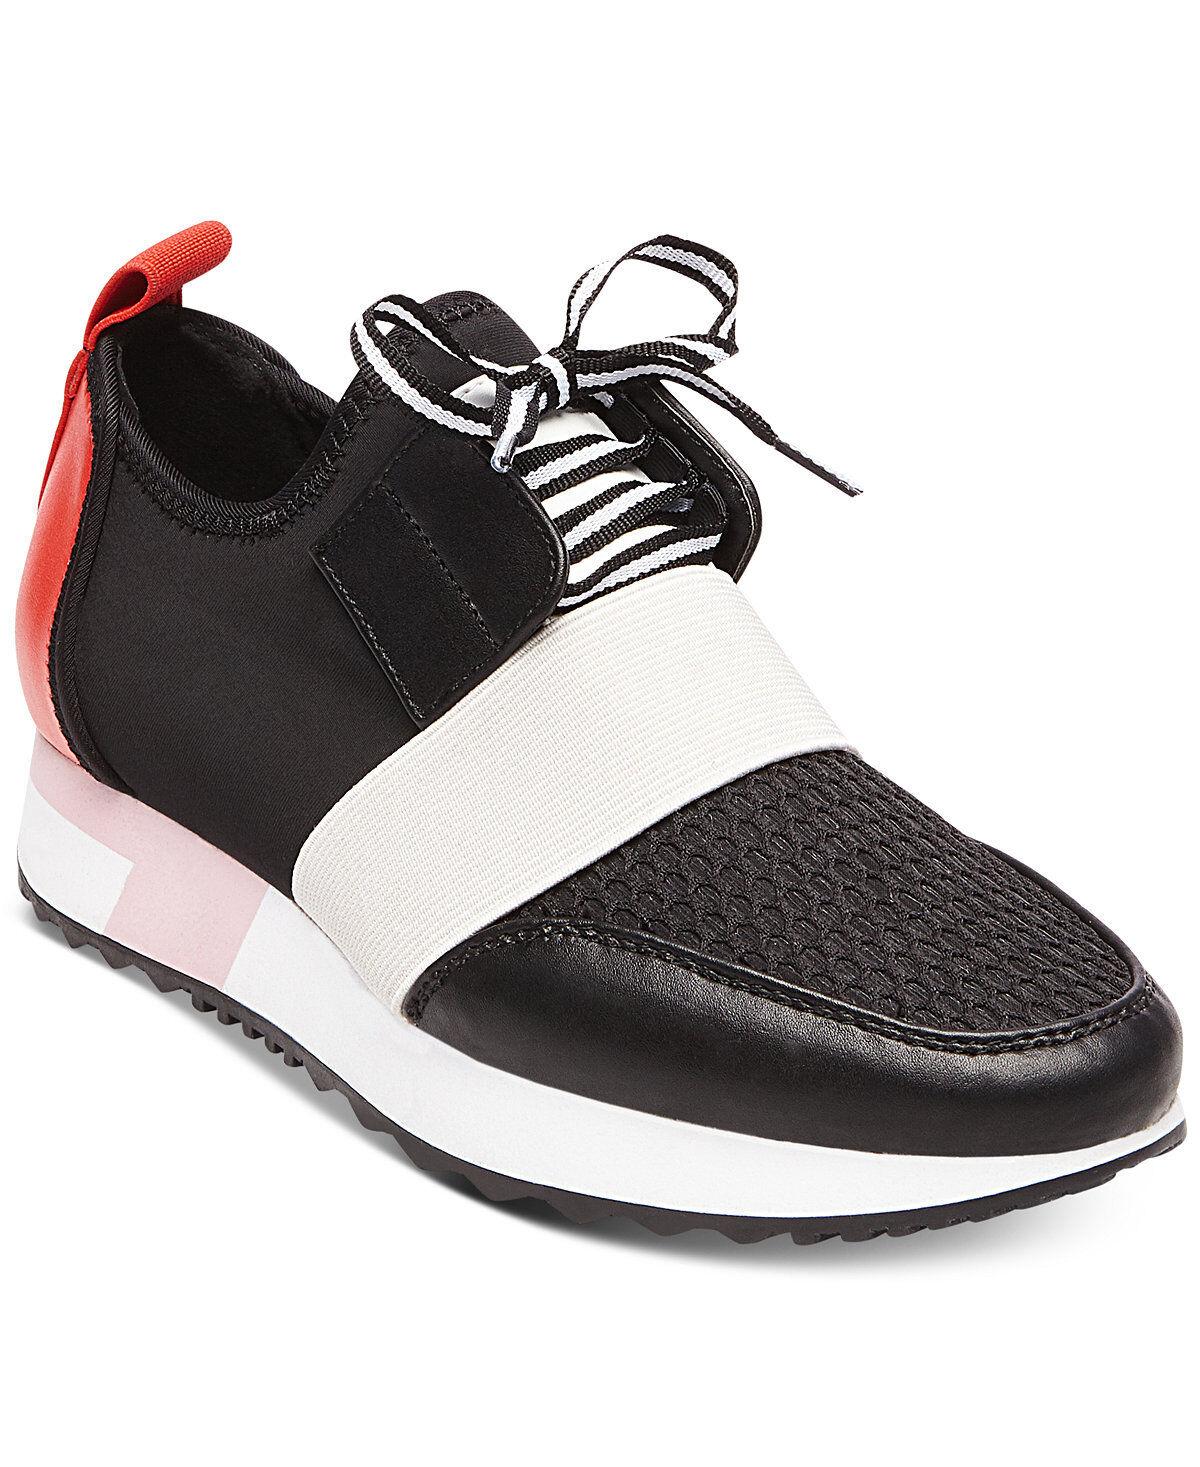 Steve Madden Antics scarpe da ginnastica Athleisure Sporty scarpe nero rosso Multi Dimensione 5.5